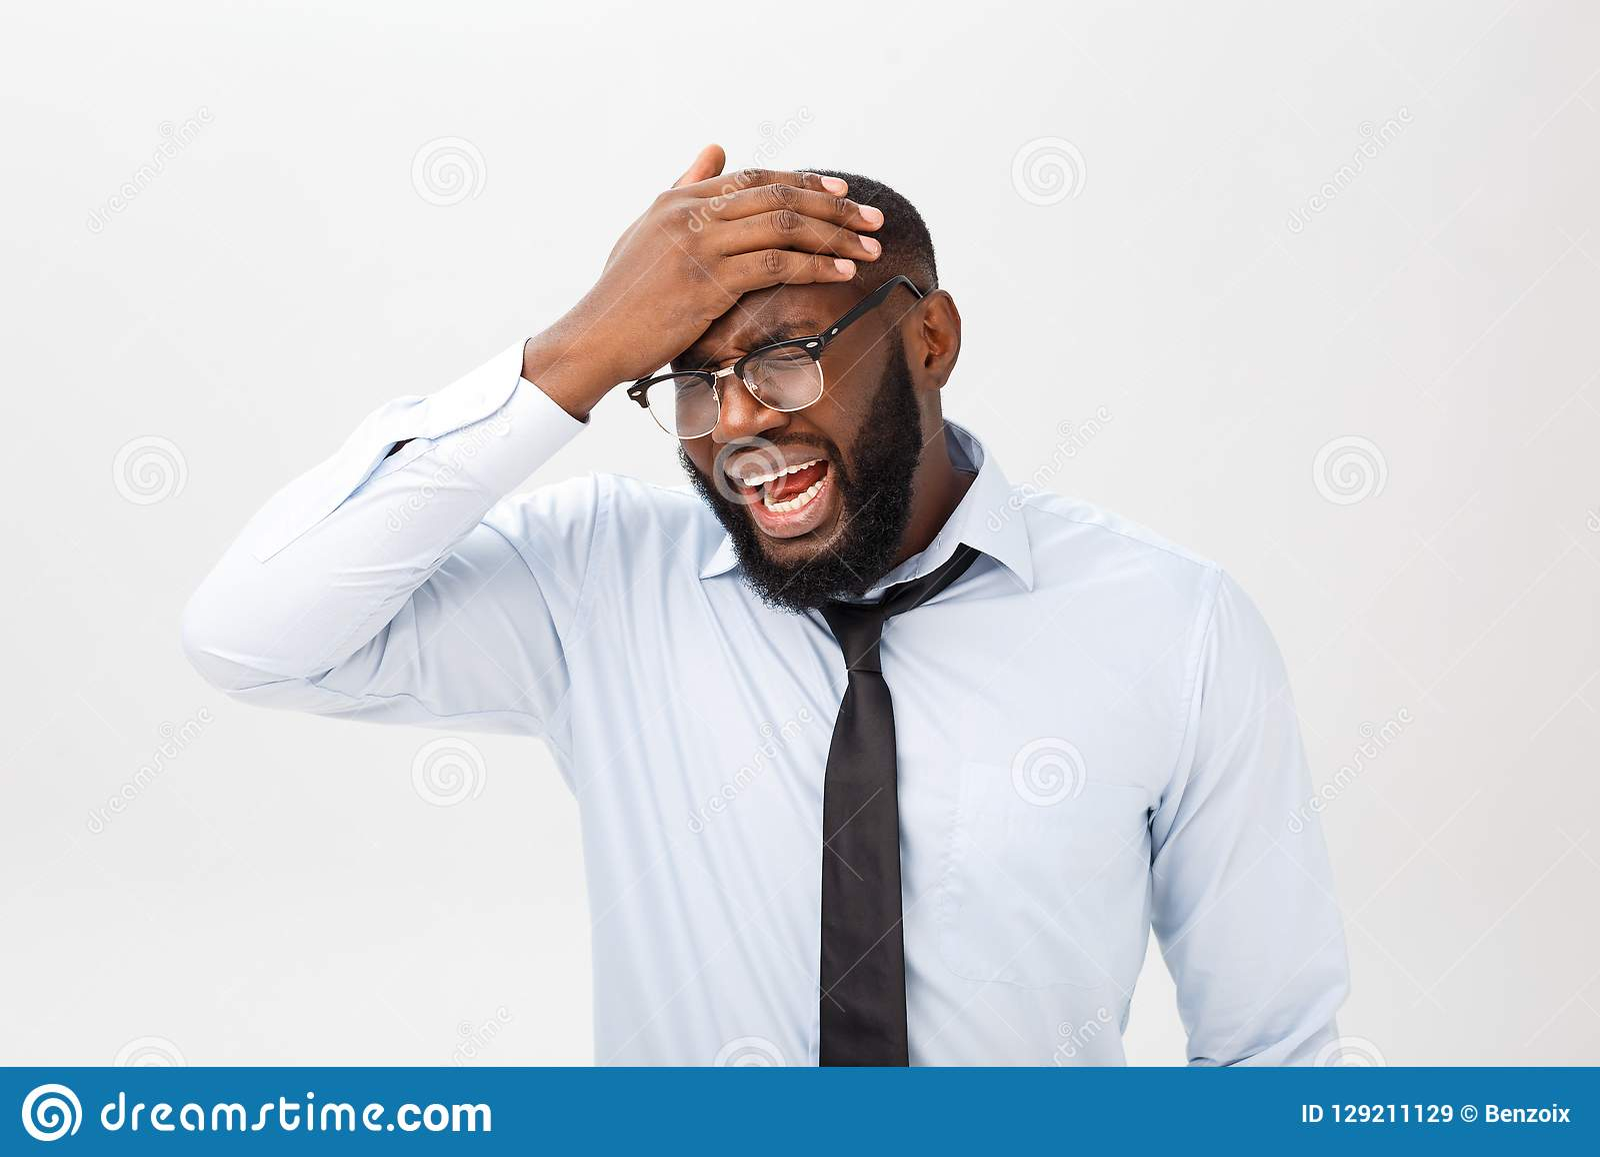 Stående av desperat förargat svart manligt skrika i ursinne och ilska som ut river hans hår, medan känna sig rasande och tokigt